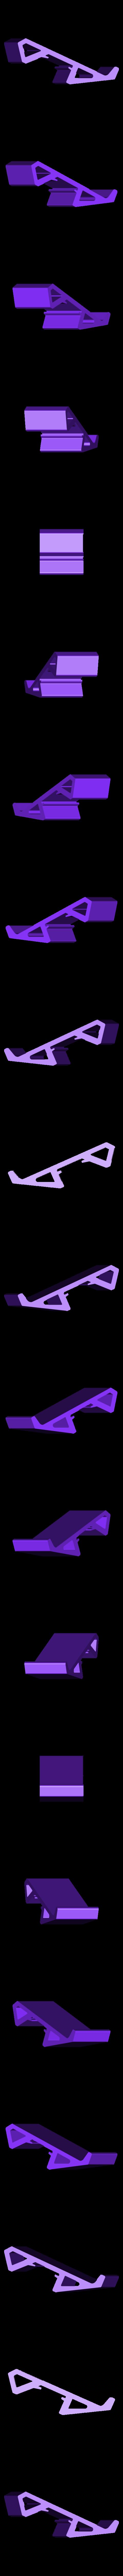 Lipo_Protector_30_-_no_support_needed.stl Télécharger fichier STL gratuit Lipo Protector 30 degré • Design à imprimer en 3D, bromego